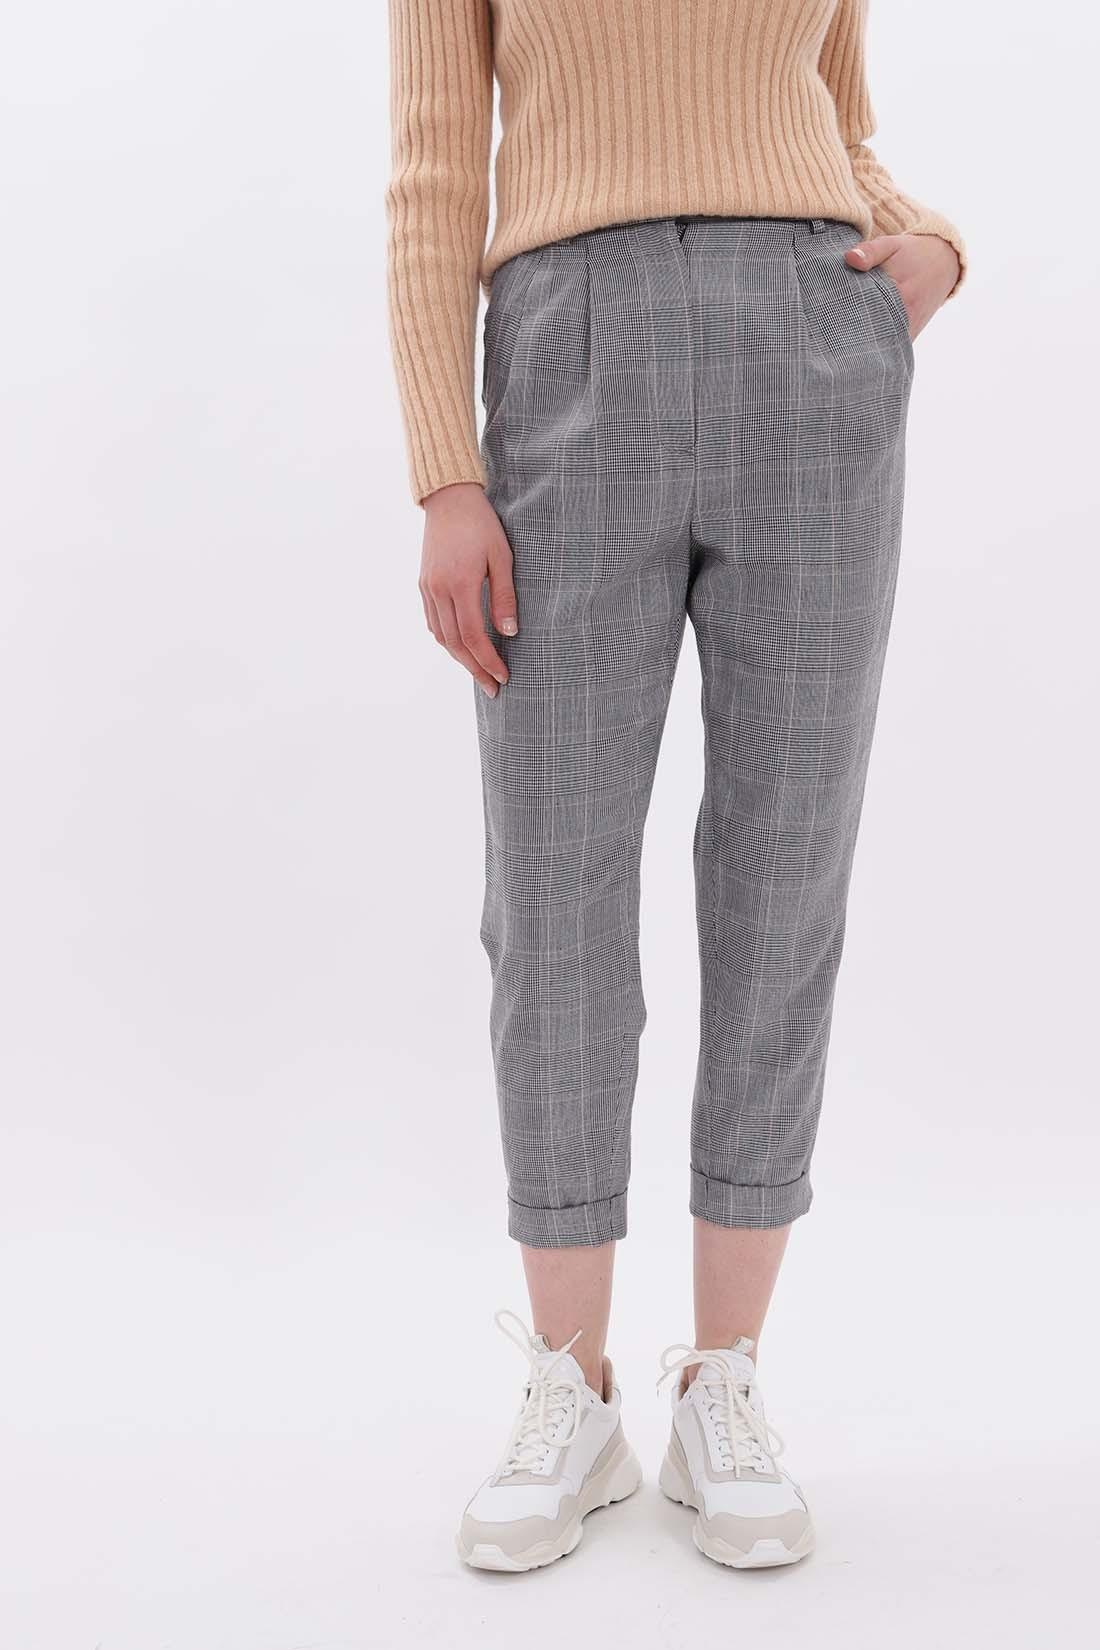 MM6 MAISON MARGIELA / Tapered trouser White black